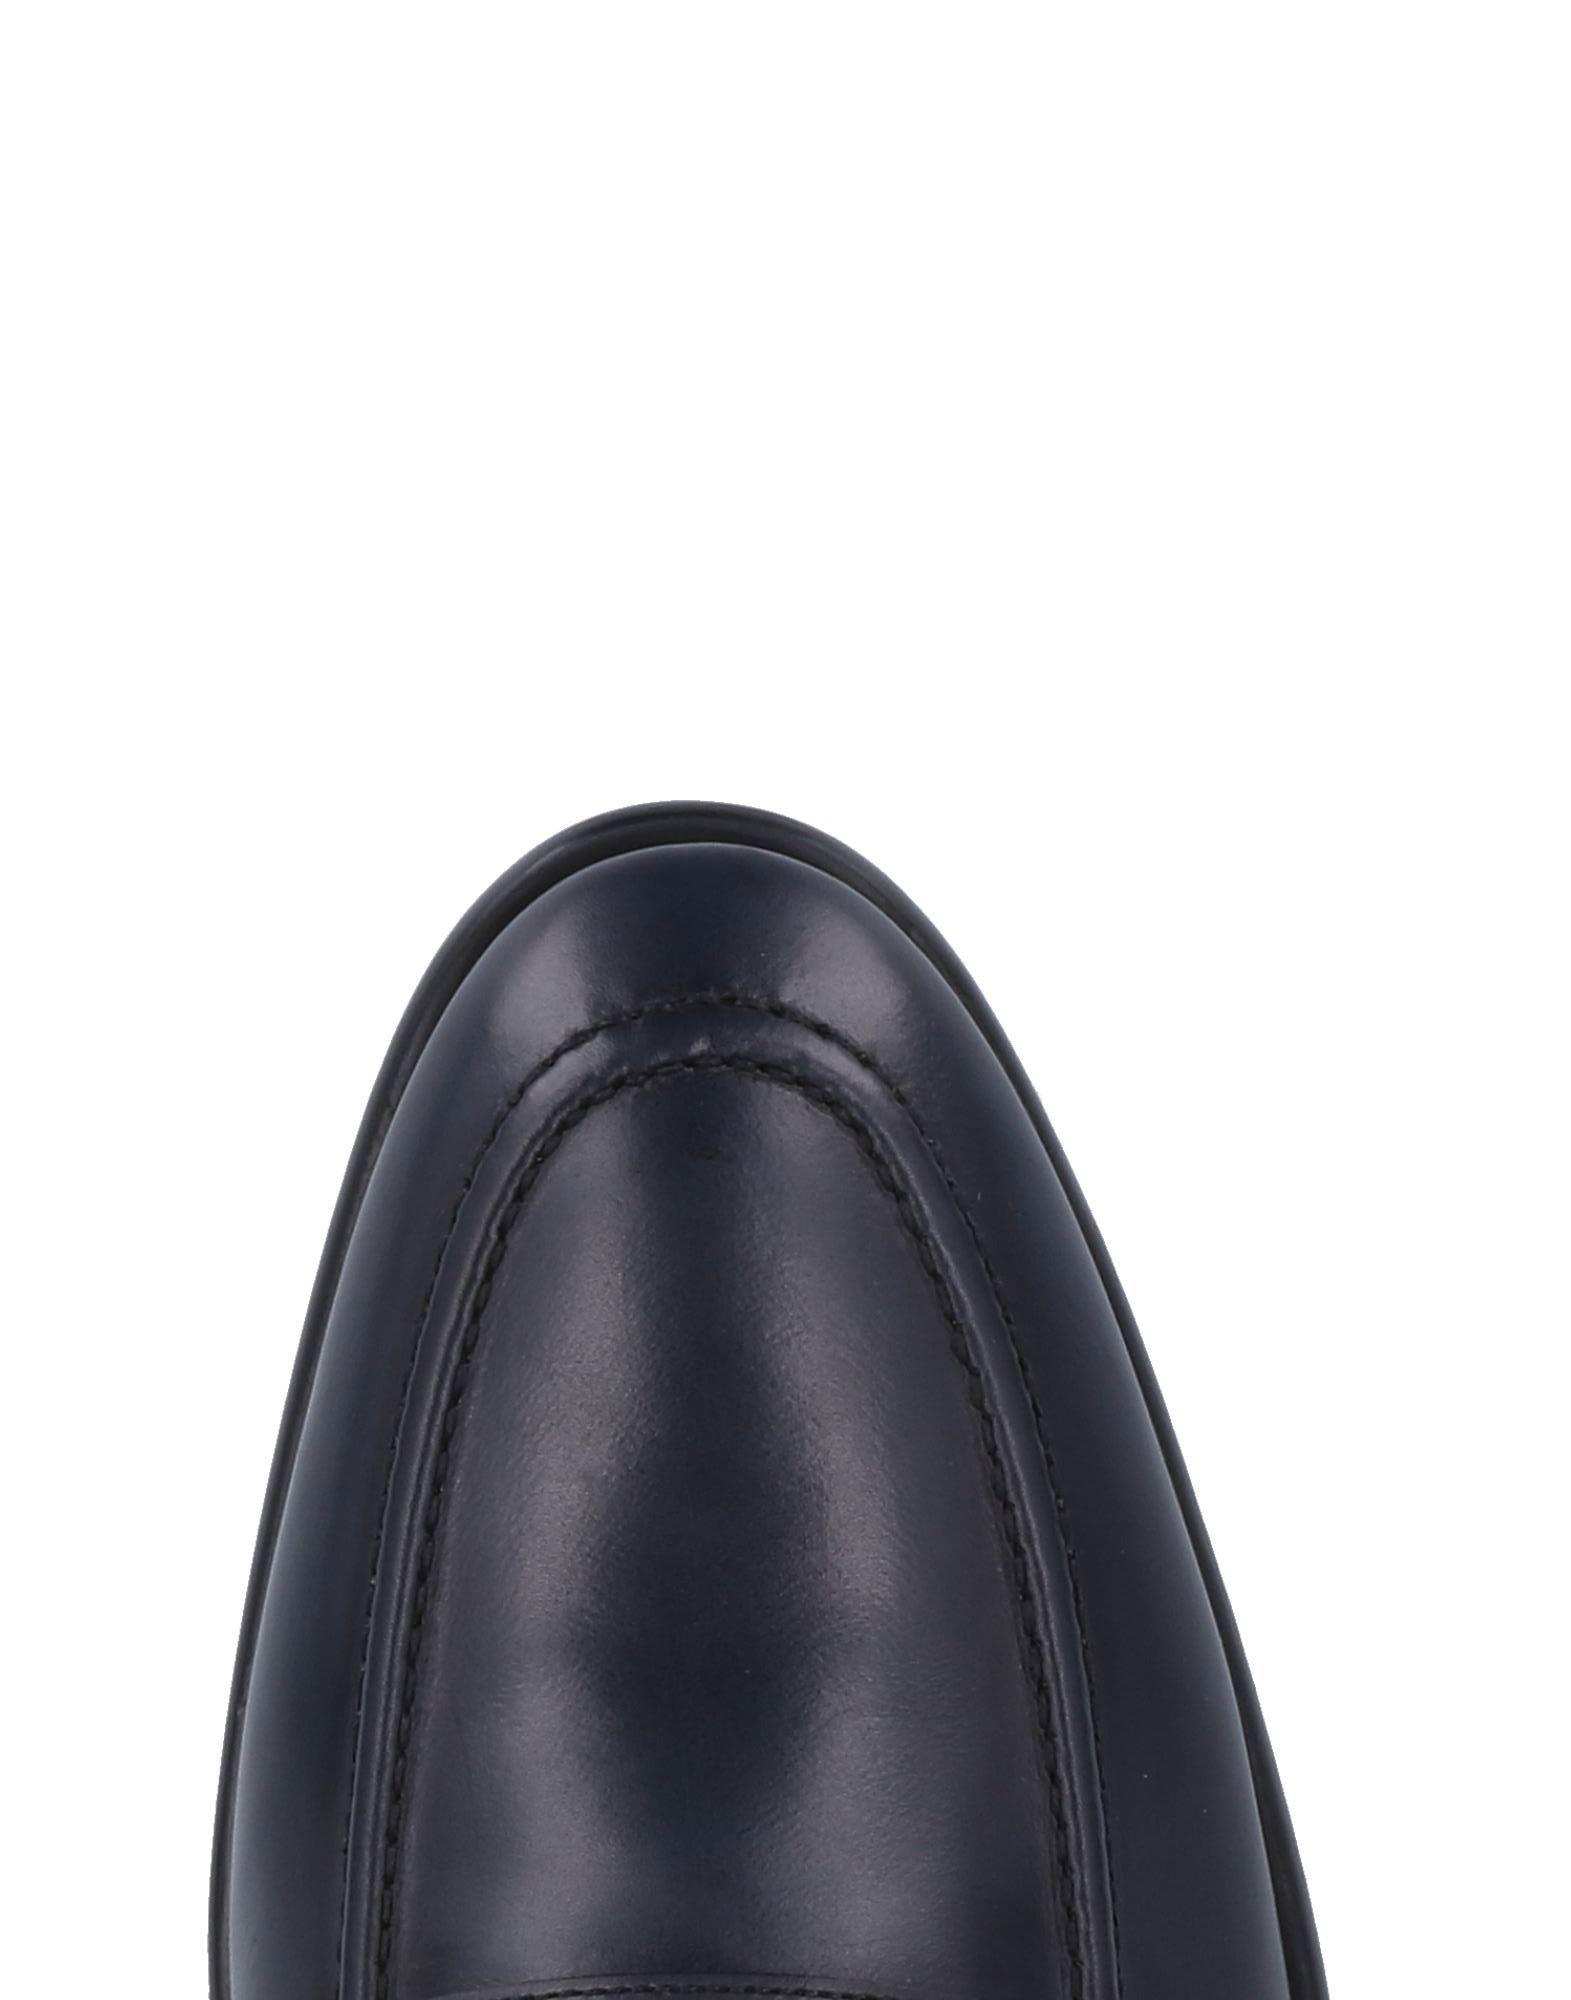 Bruno Bordese Mokassins Herren  11522936QX Gute Qualität beliebte Schuhe